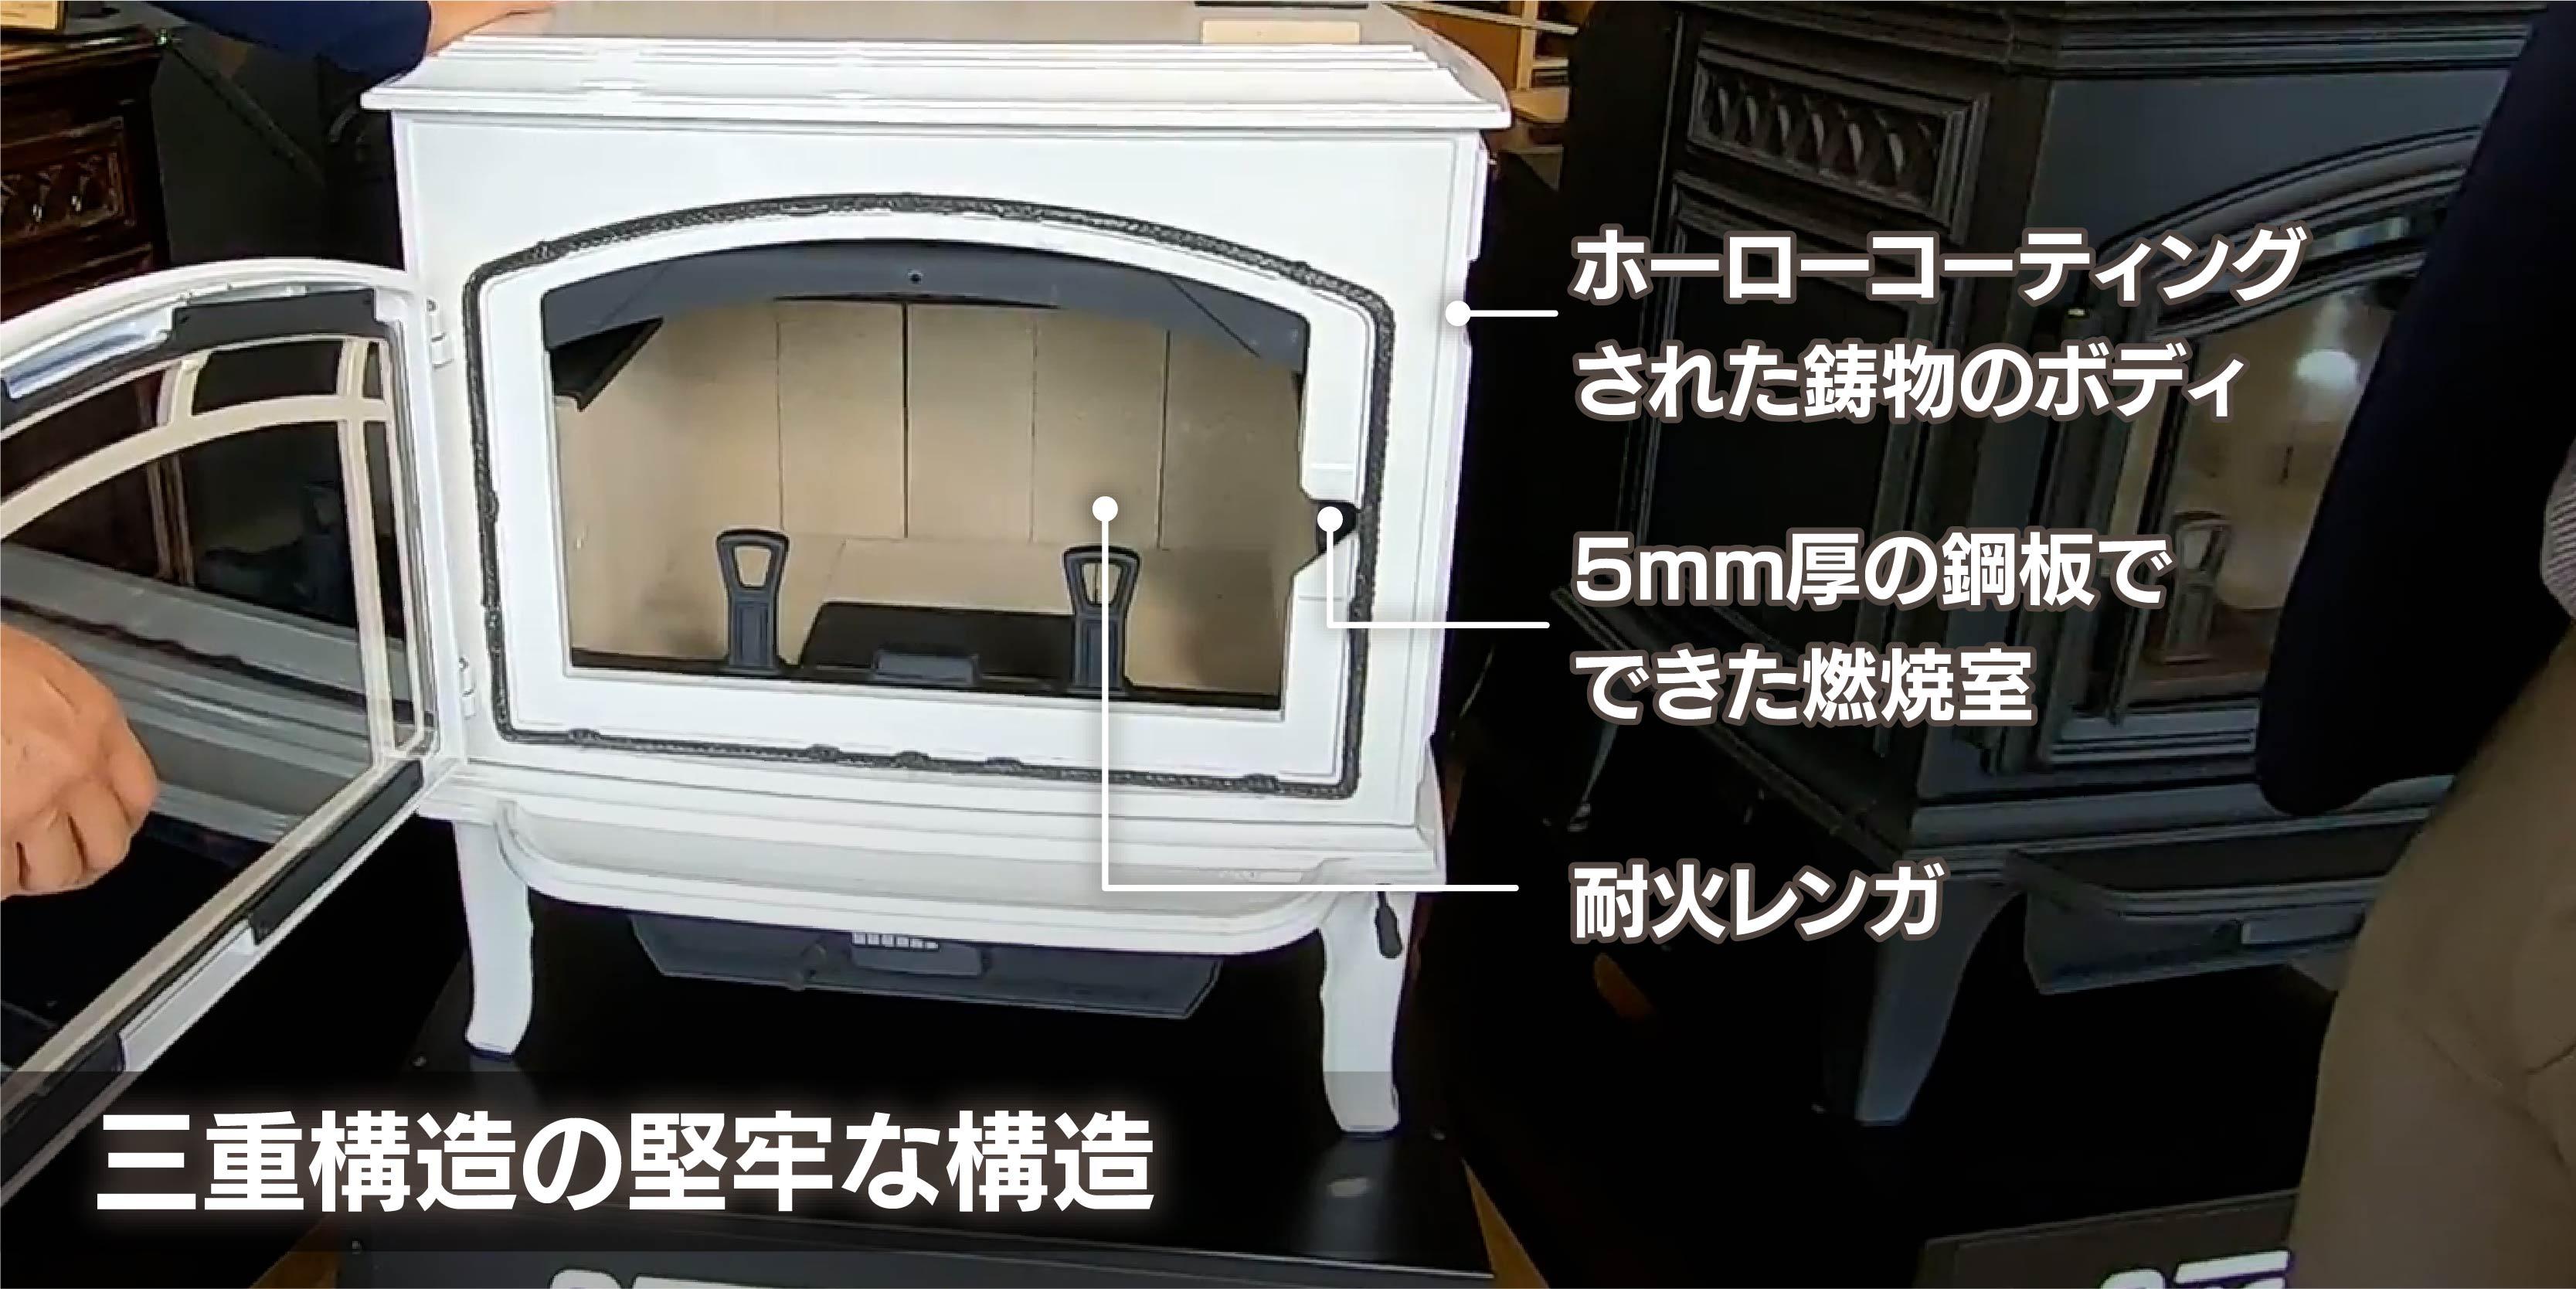 鋳物の意匠・鋼板の燃焼室・耐熱レンガ